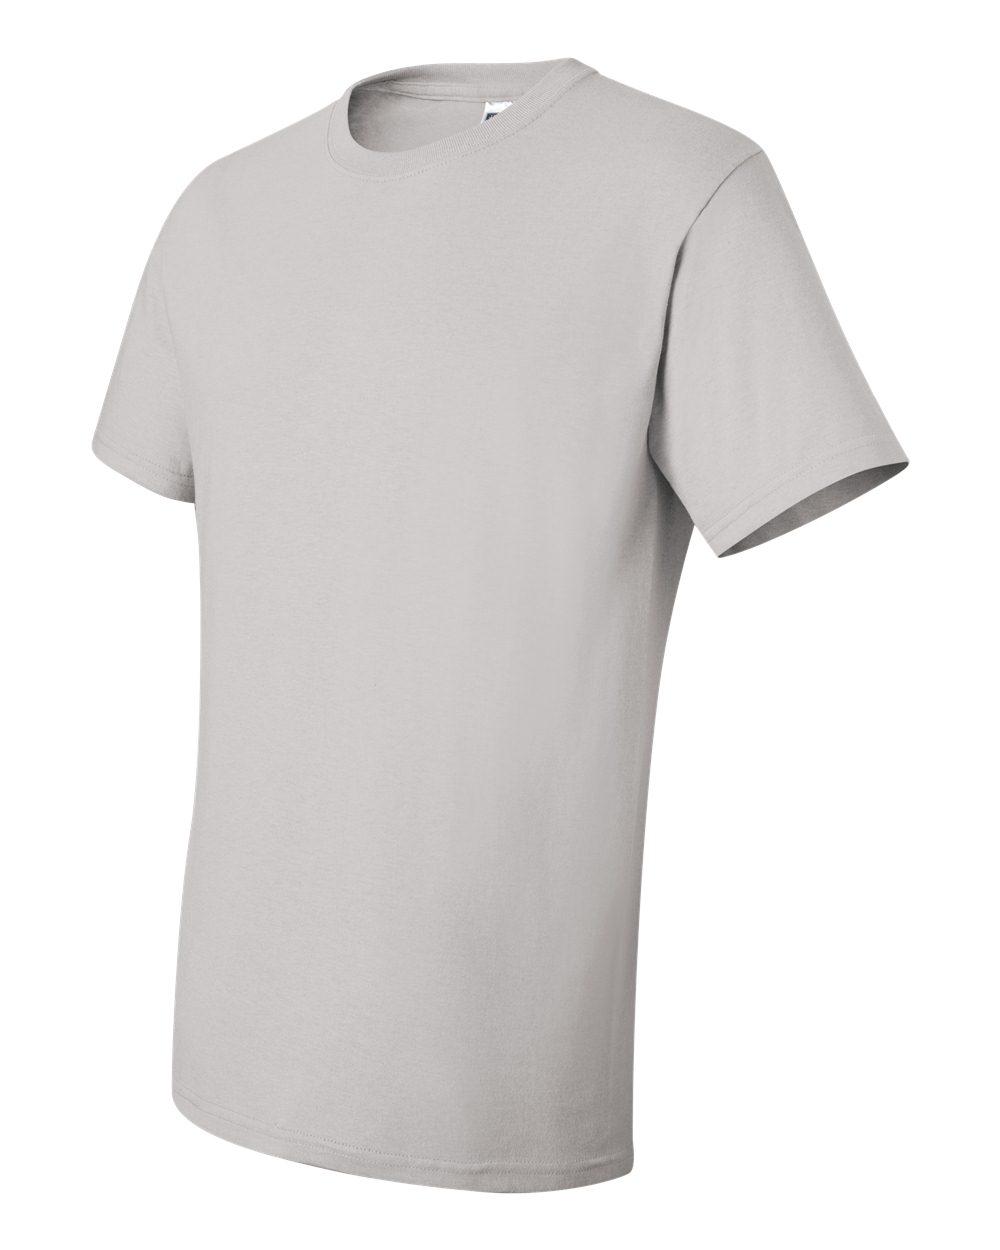 Jerzees-Men-039-s-5-6-oz-50-50-Heavyweight-Blend-T-Shirt-29M-S-4XL thumbnail 30